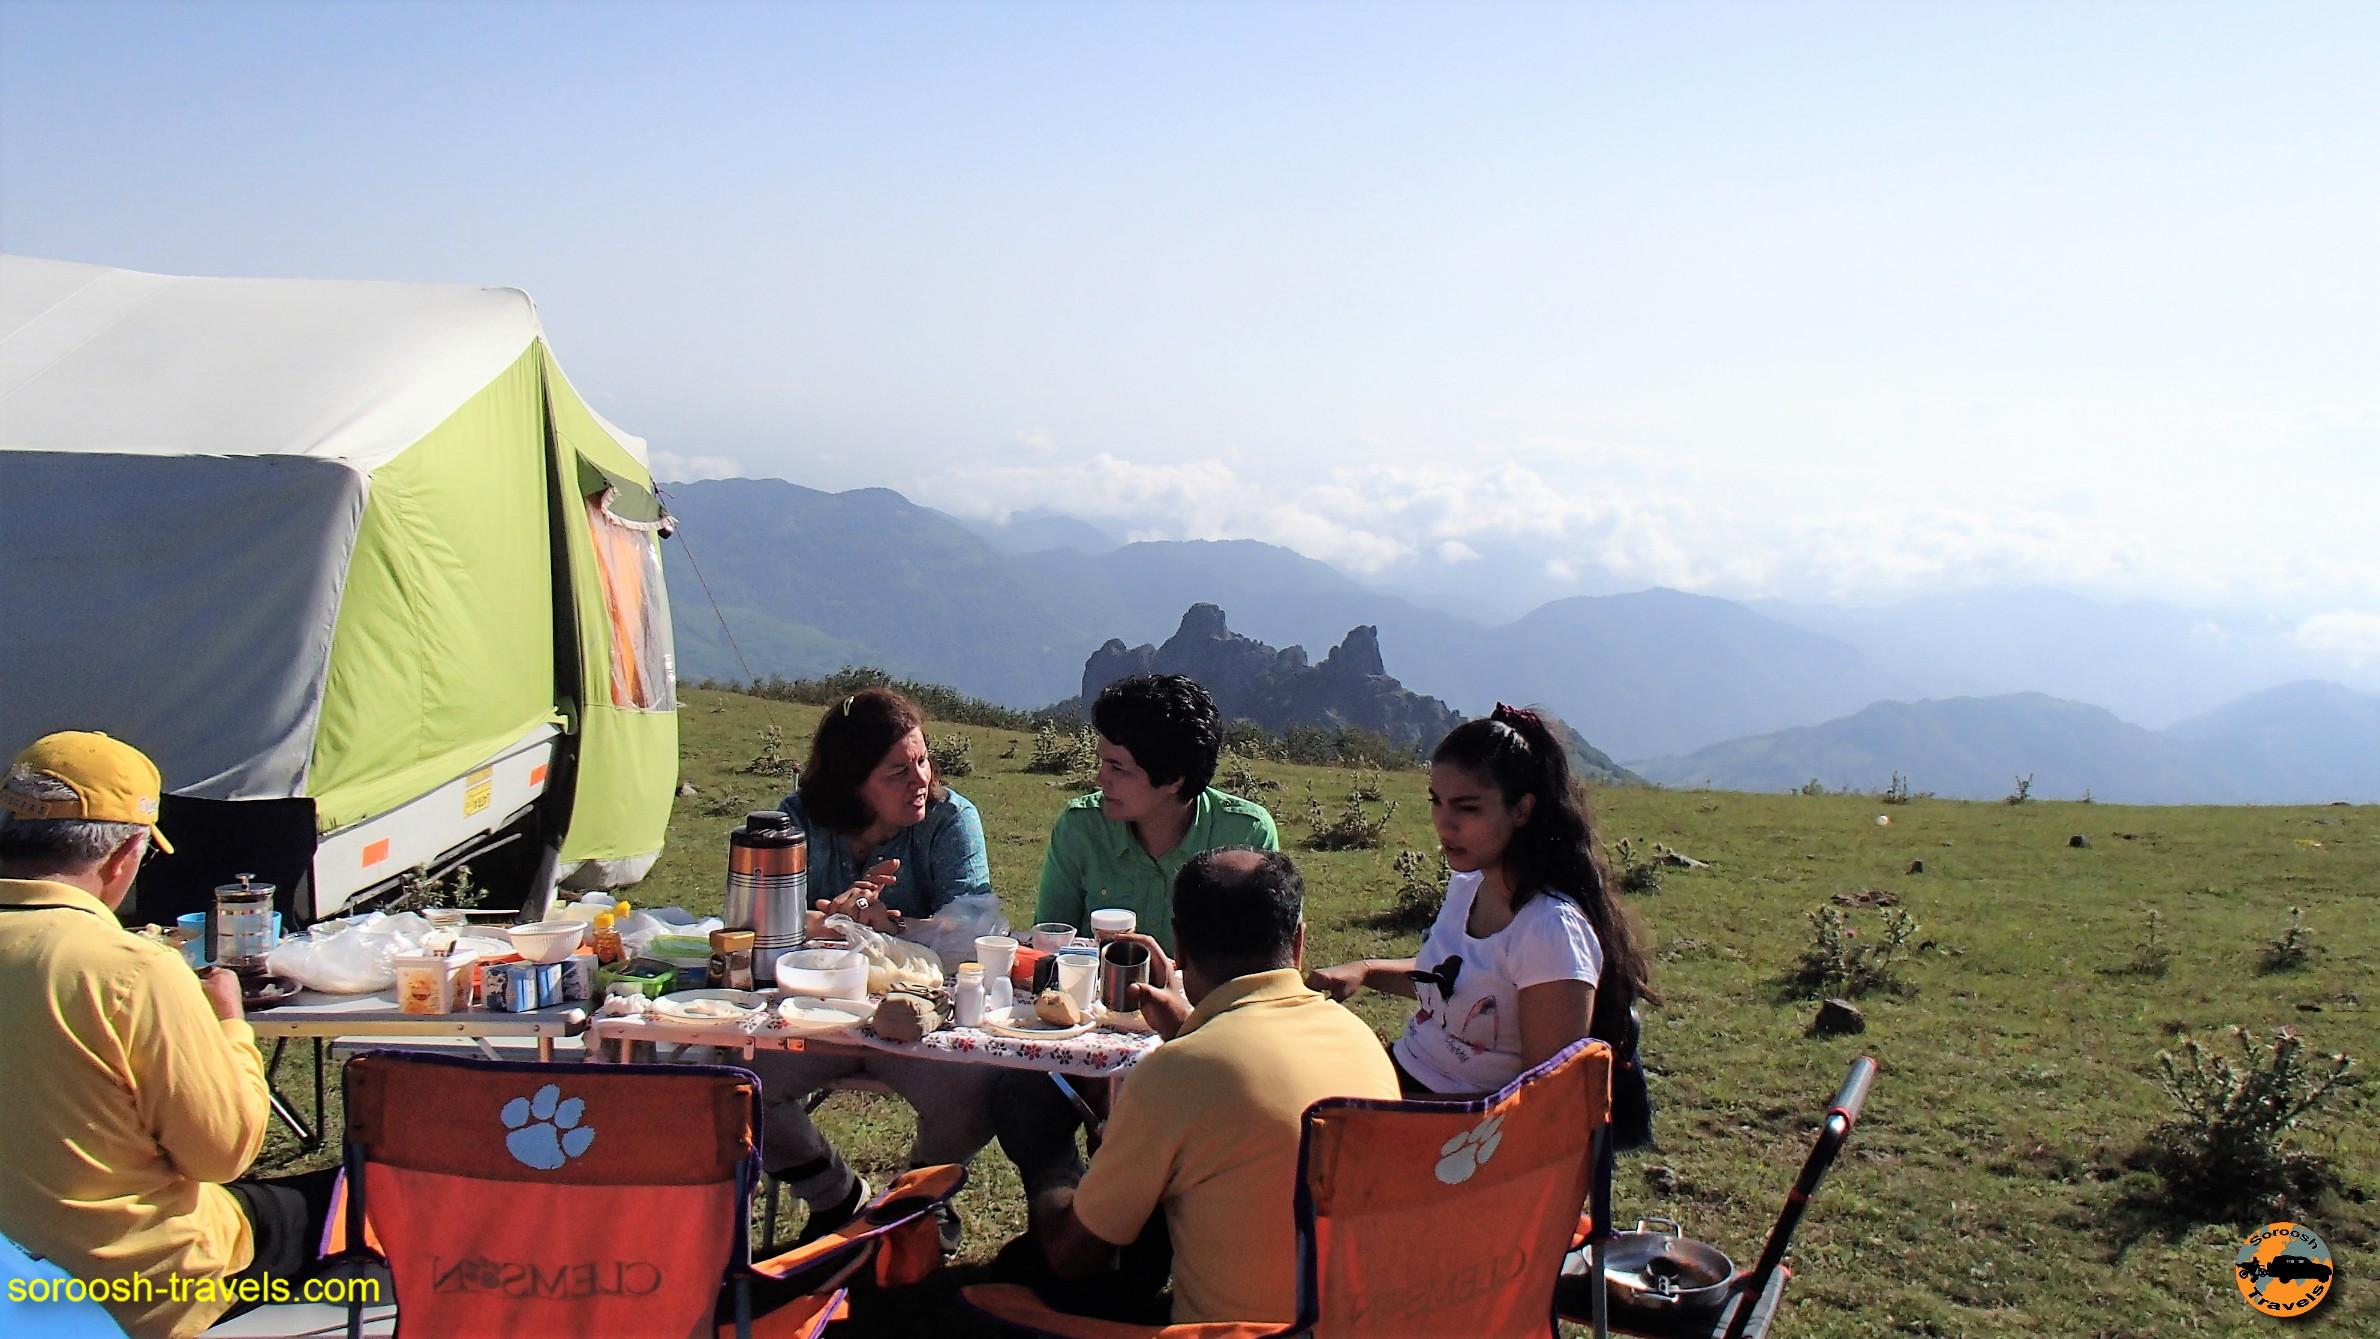 ارتفاعات دریاچه سوها – تابستان ۱۳۹۶